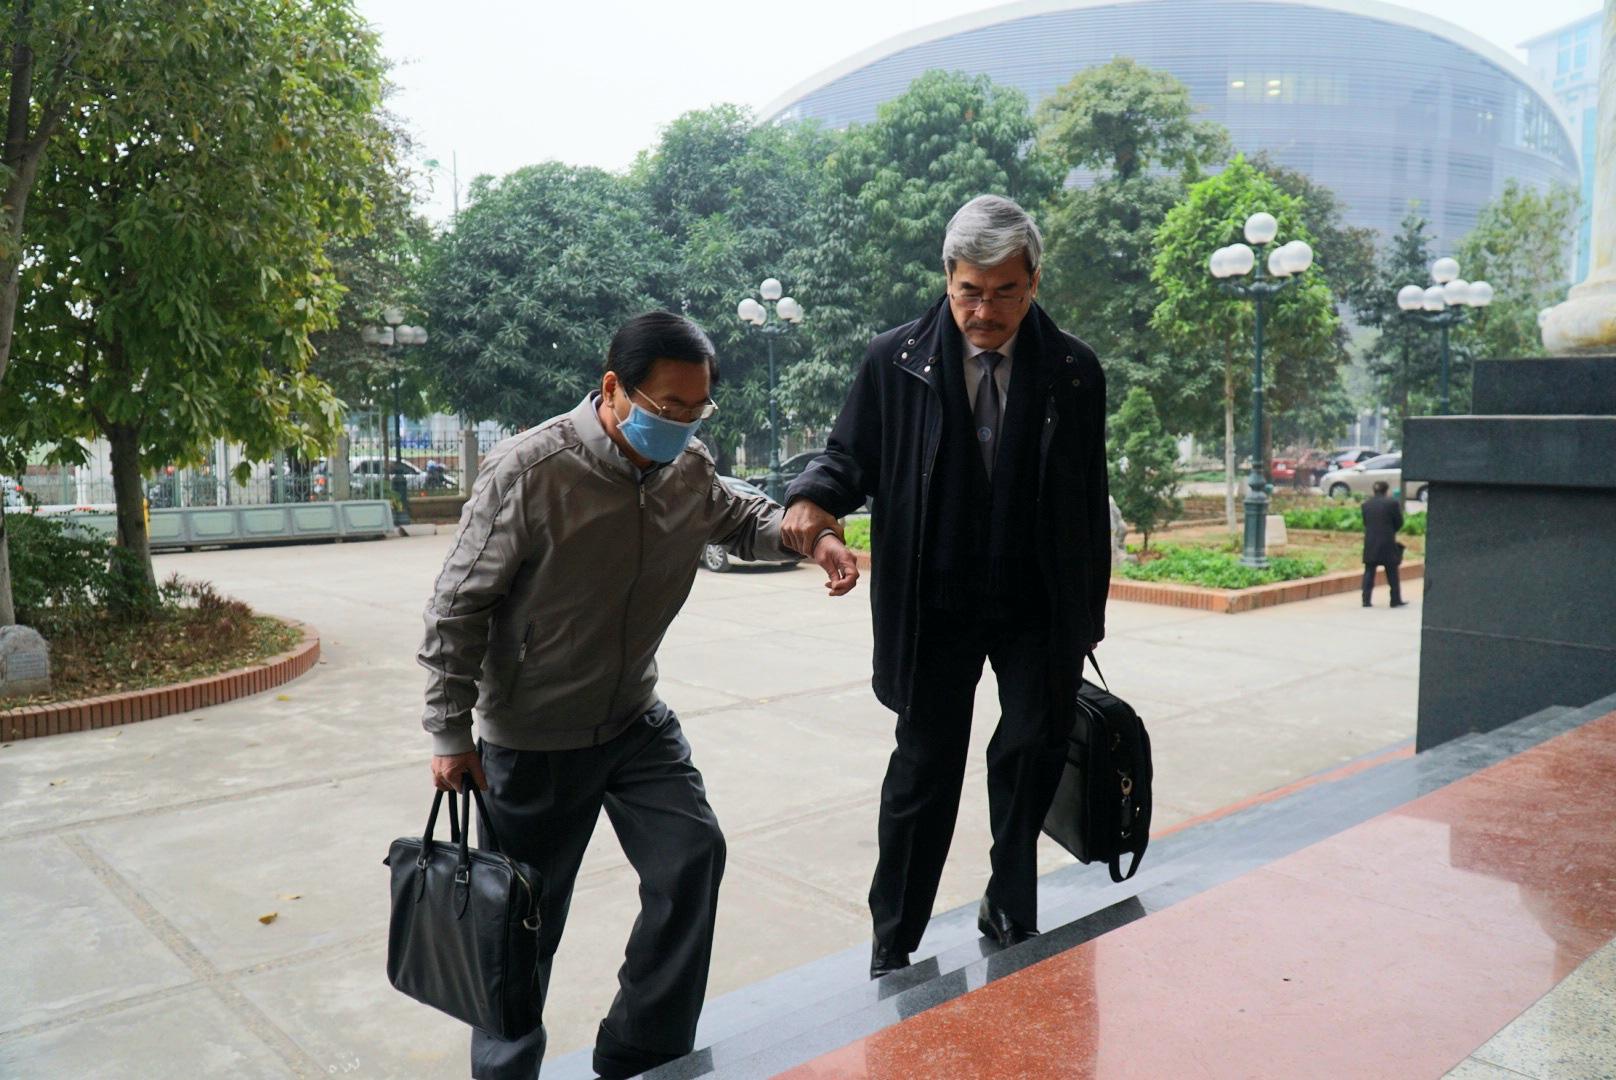 Cựu Bộ trưởng Vũ Huy Hoàng vịn cầu thang, nắm tay luật sư khi bước lên bậc thềm - Ảnh 4.